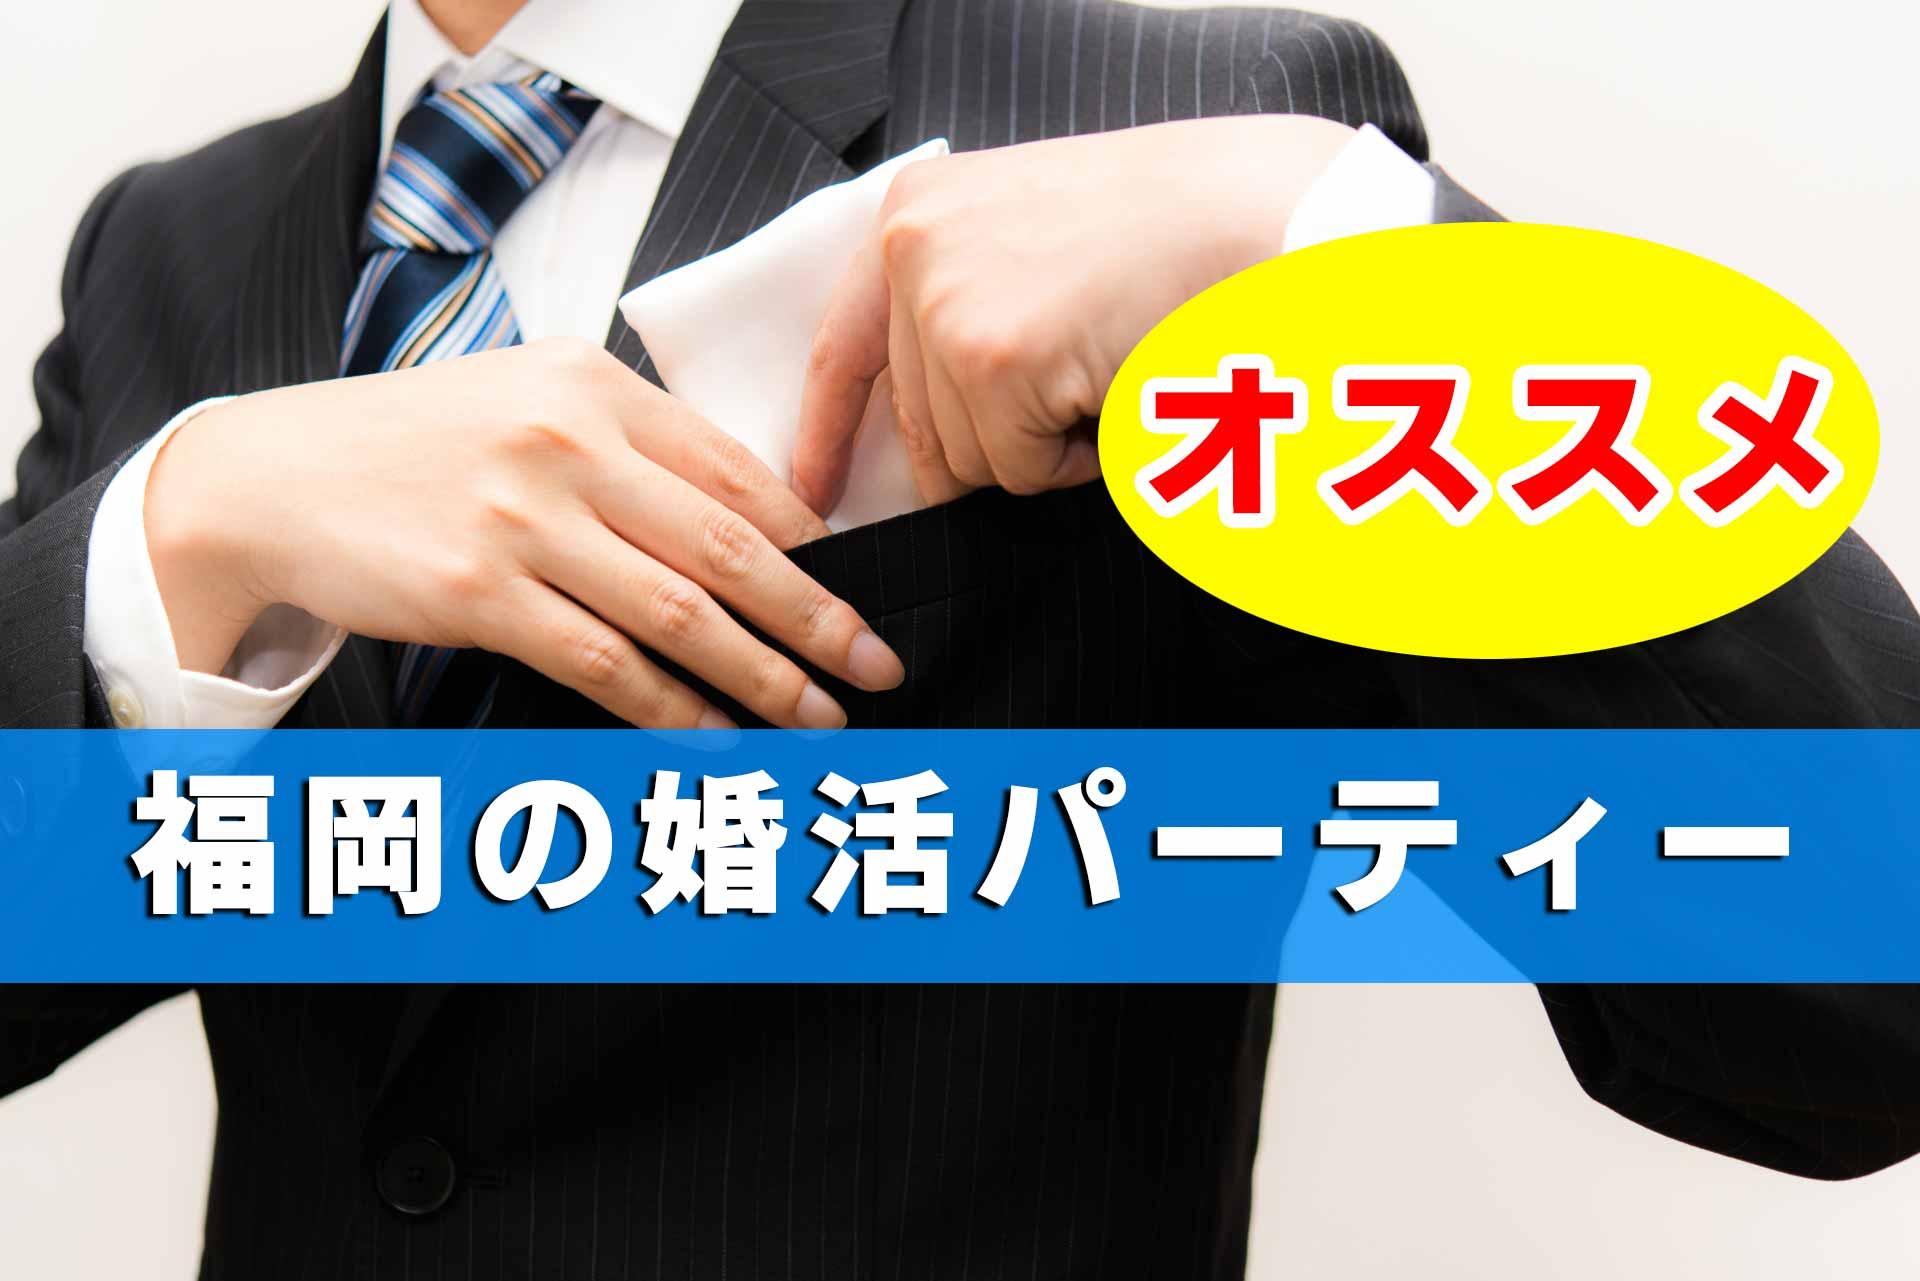 「オススメ福岡の婚活パーティー」と書かれたテキストと、ポケットチーフを棟ポケットに入れようとしている男性